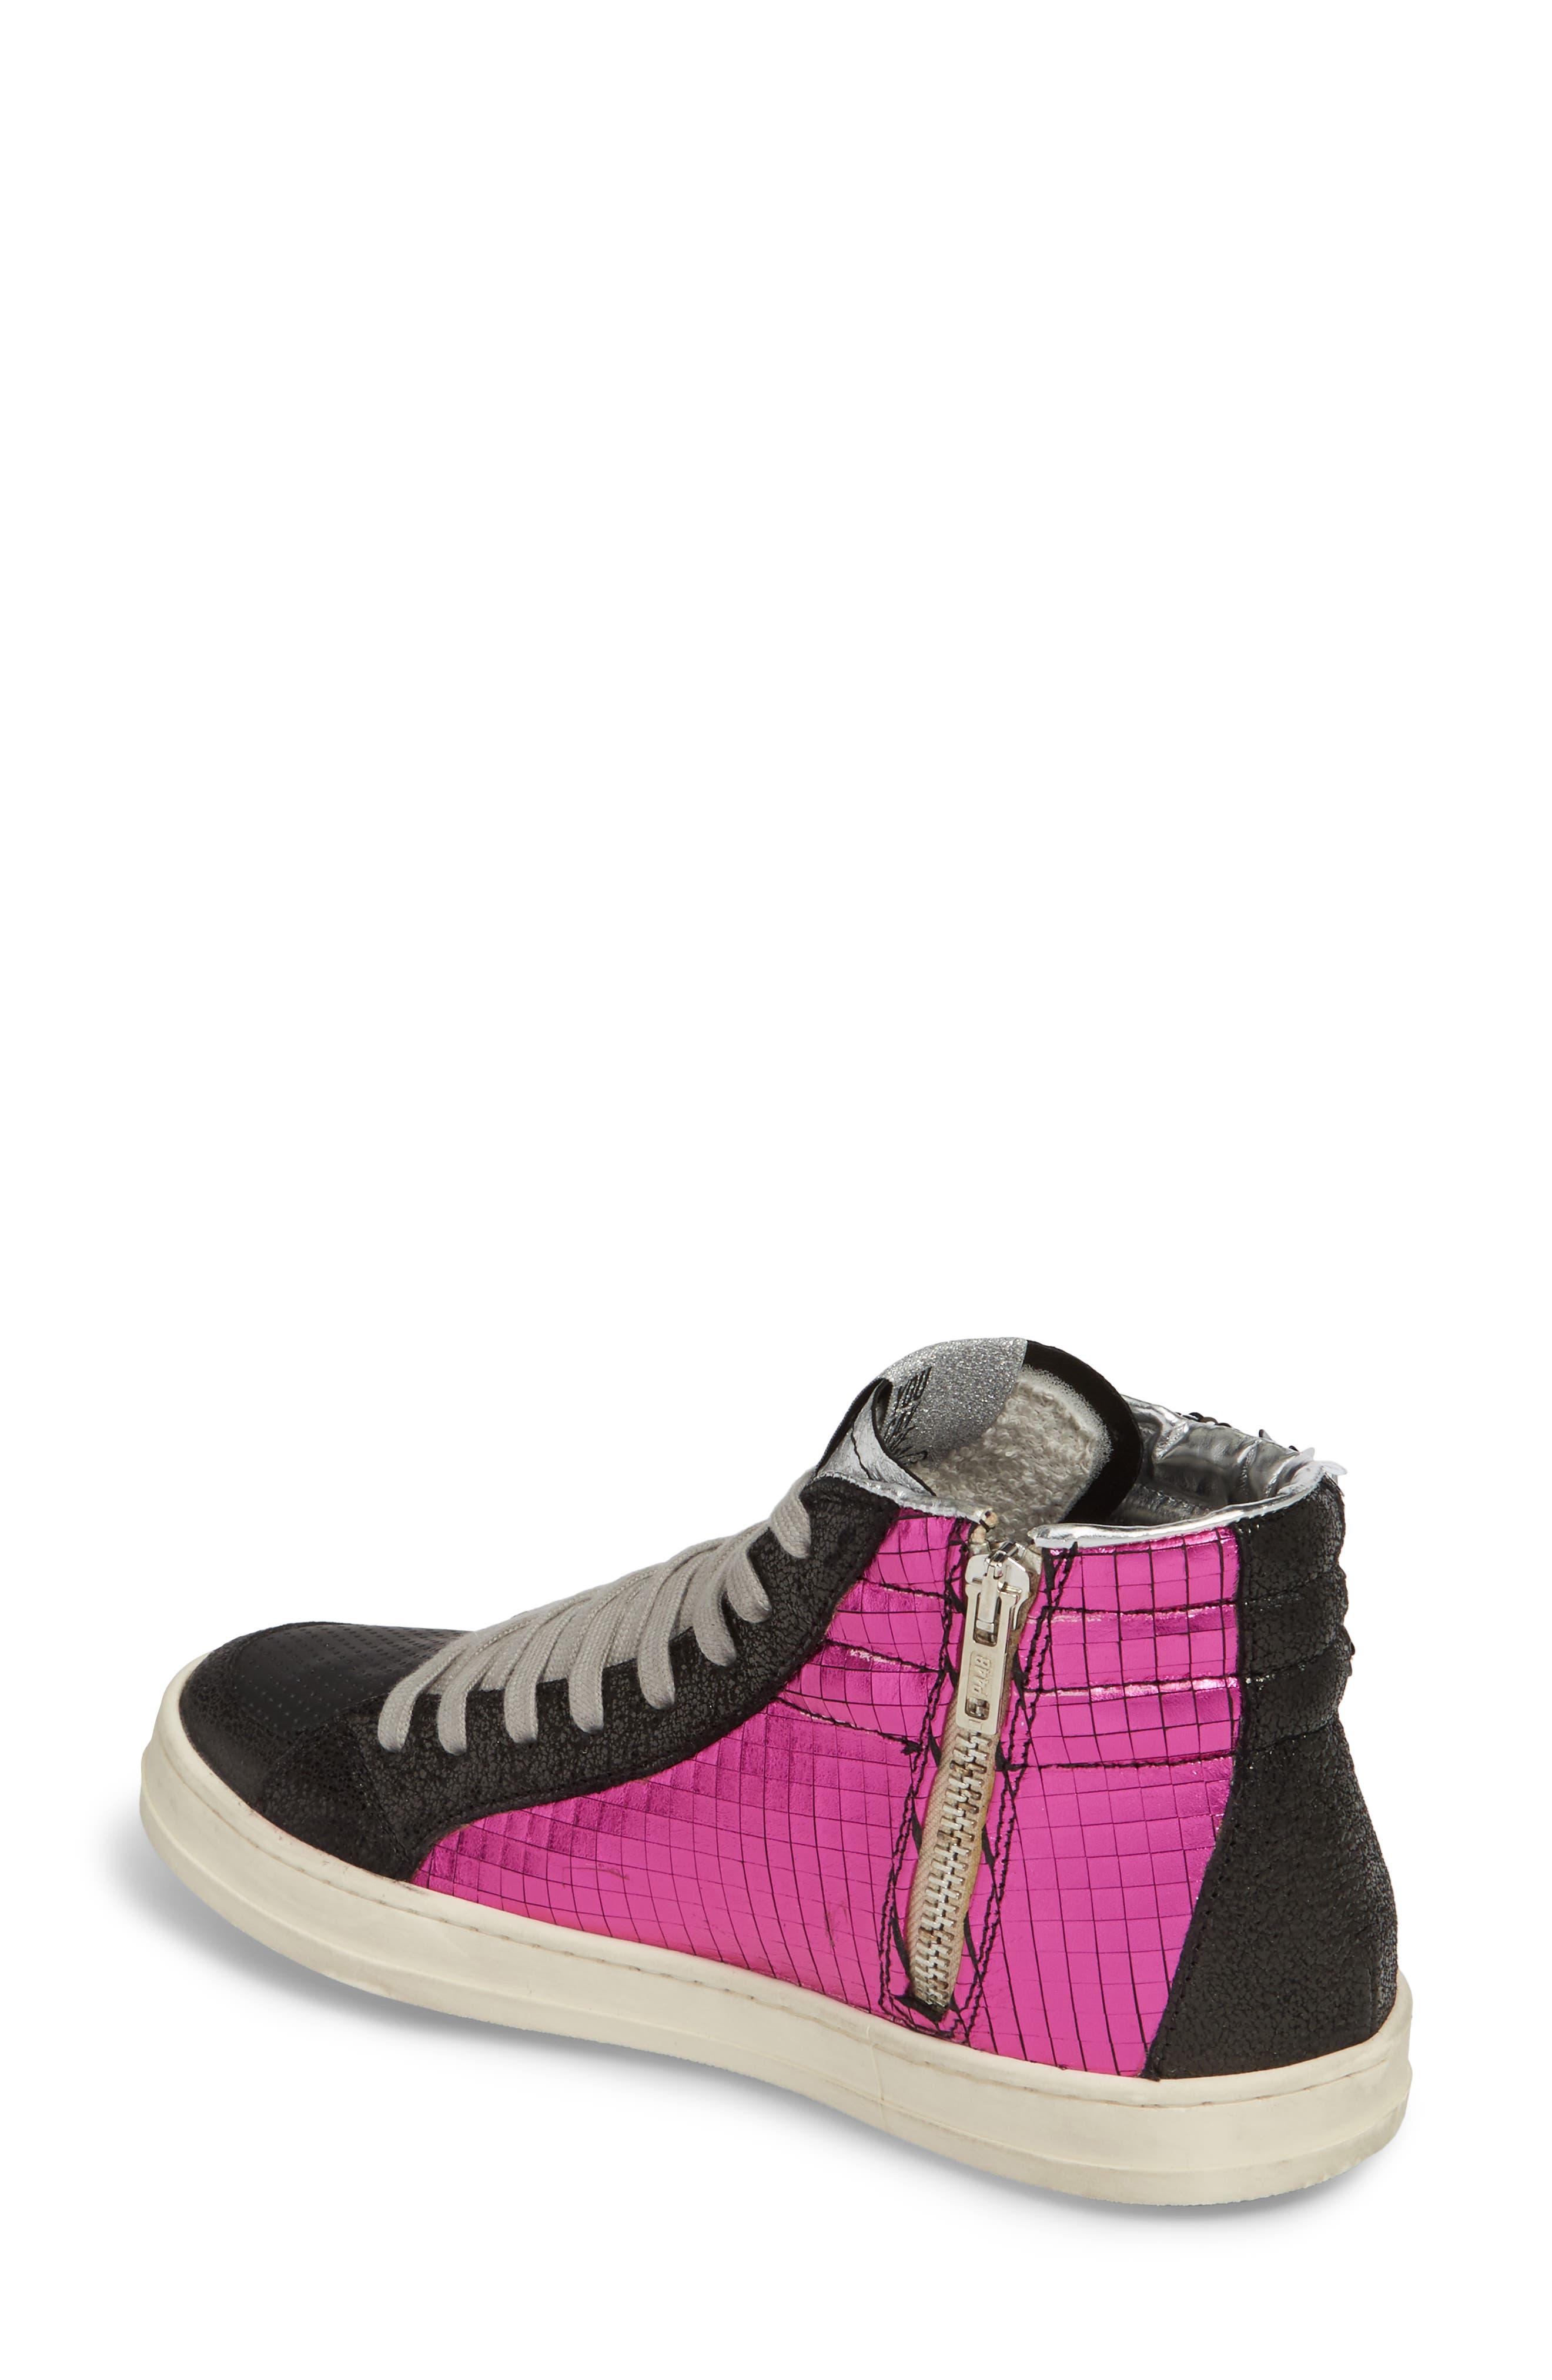 Skate Sequin High Top Sneaker,                             Alternate thumbnail 2, color,